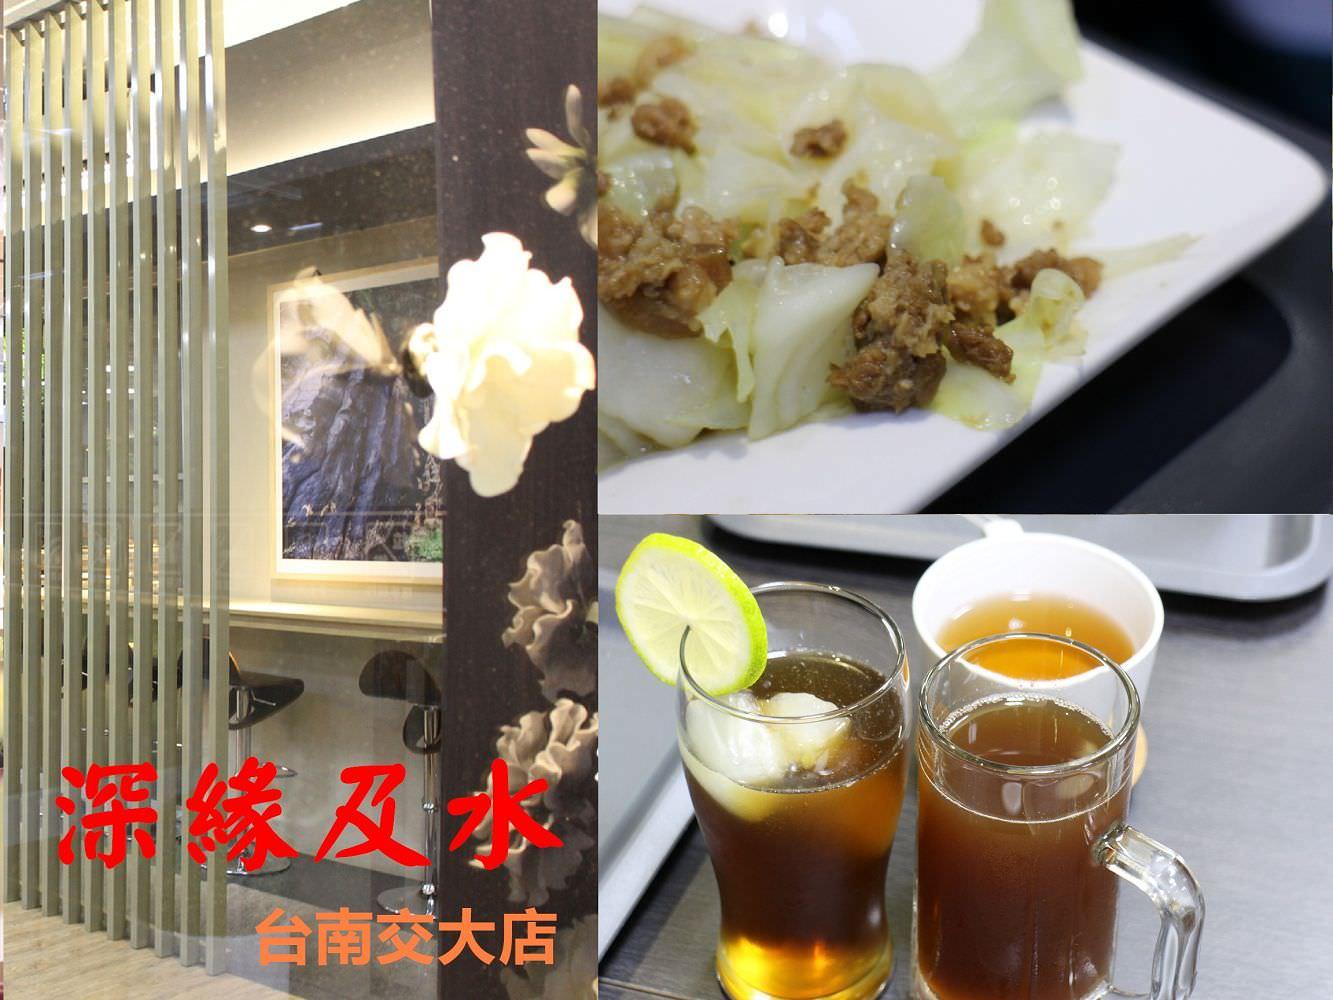 高鐵台南站︱深緣及水複合餐廳台南交大店:離高鐵最近的有FU餐廳,清幽又平價